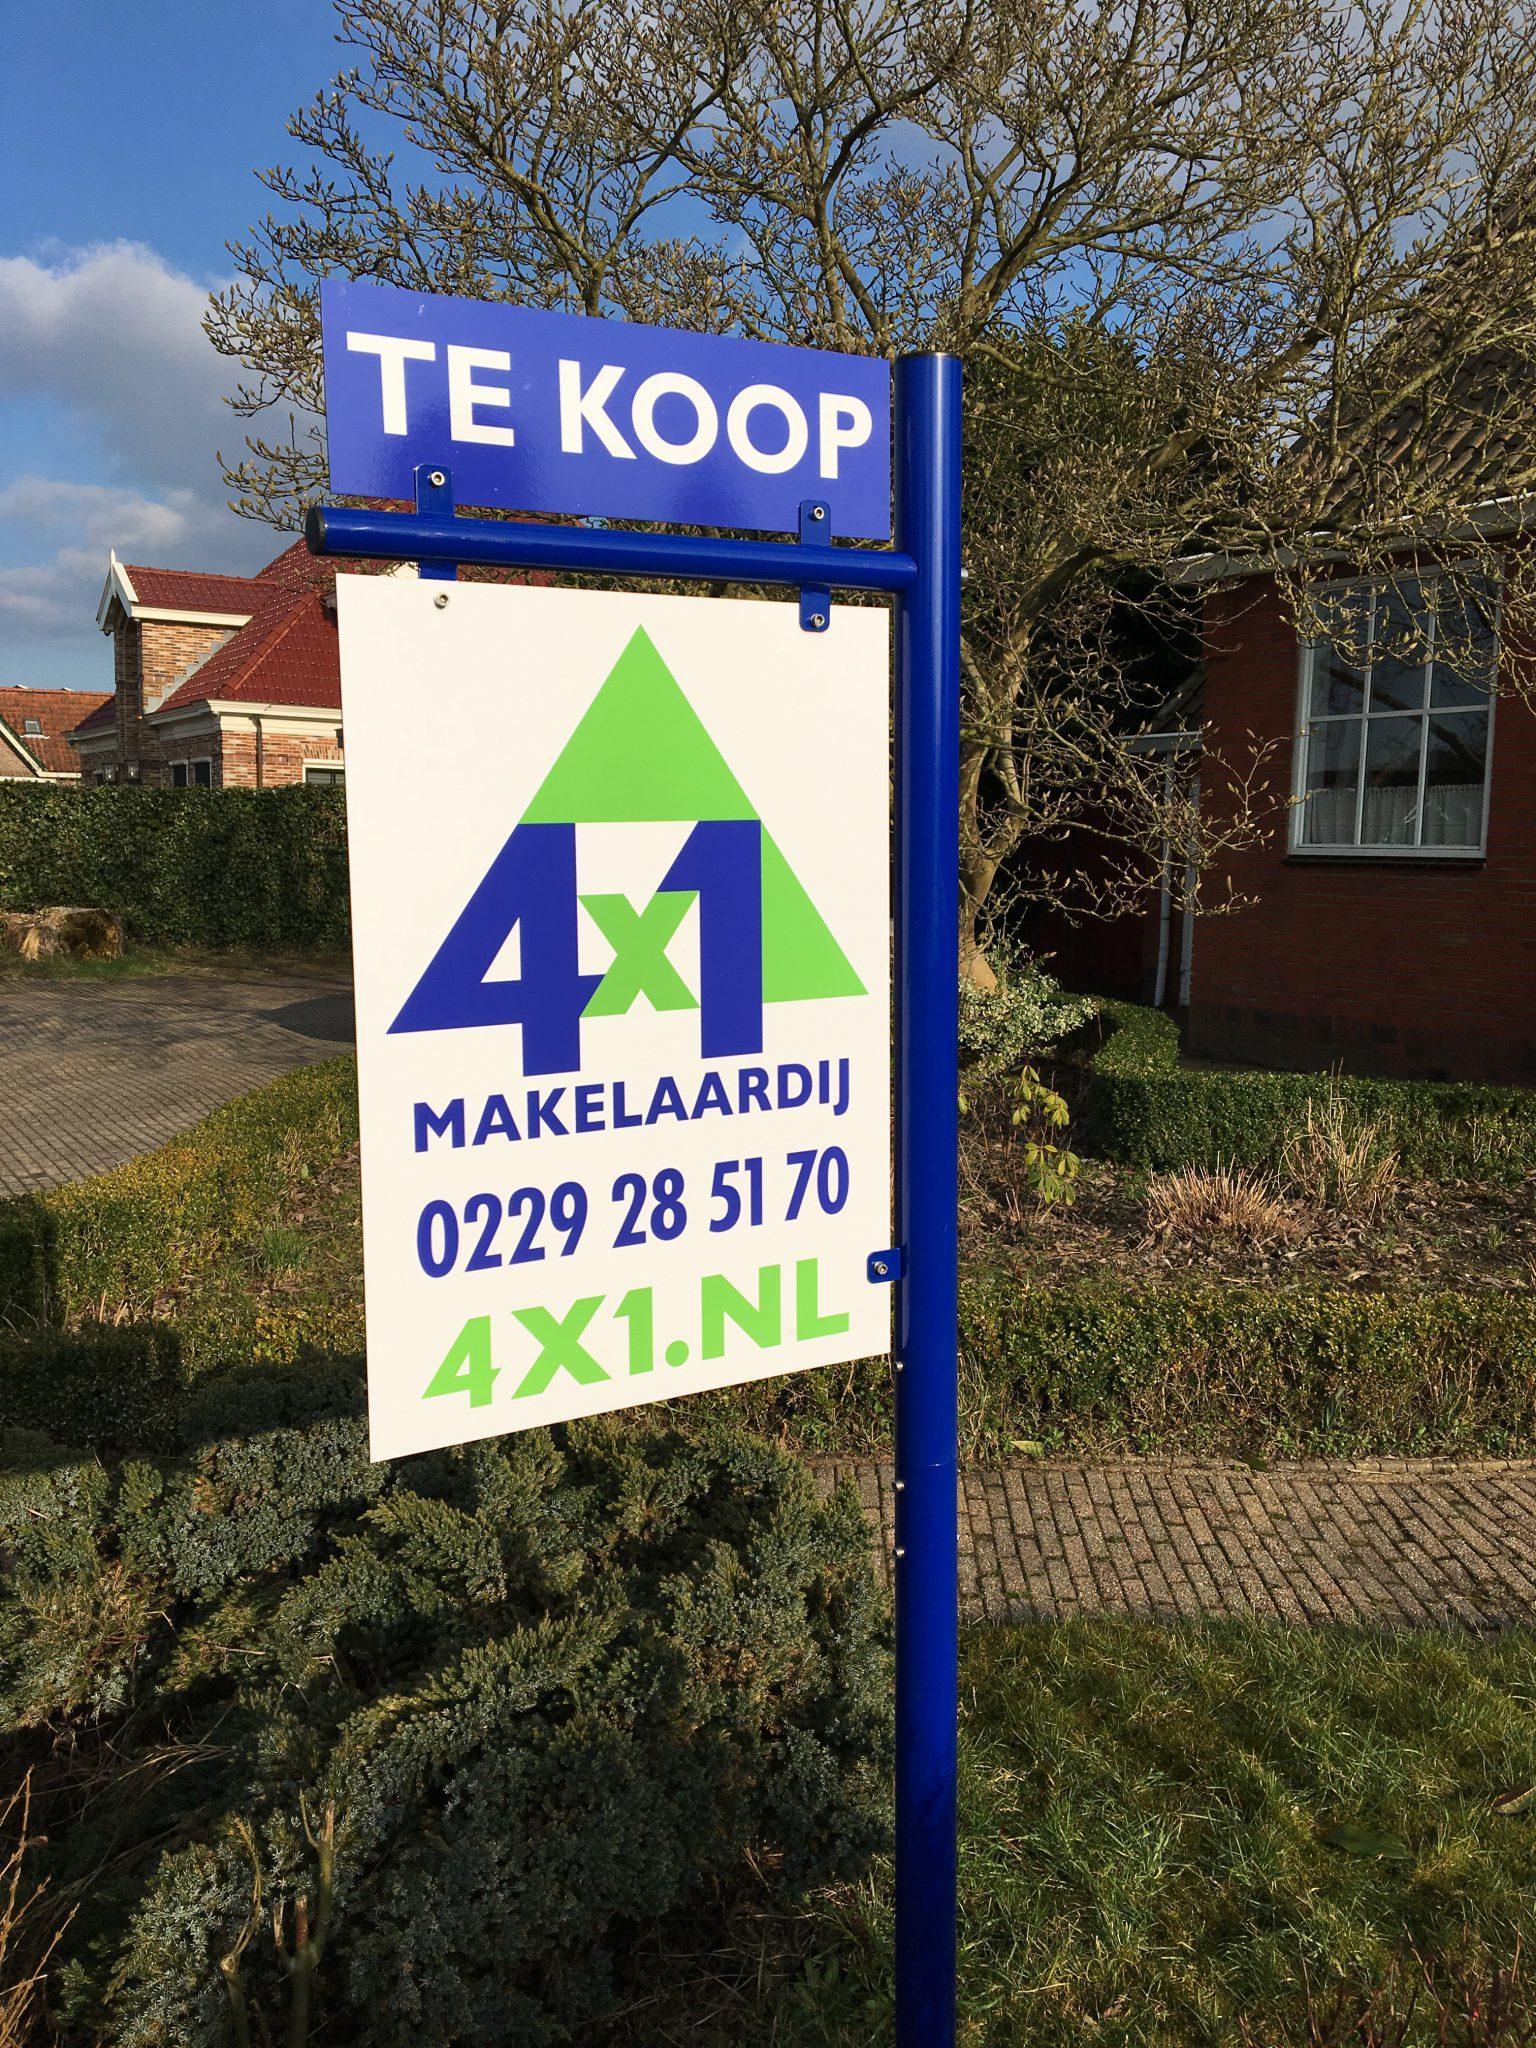 4x1 Makelaardij in Hoorn